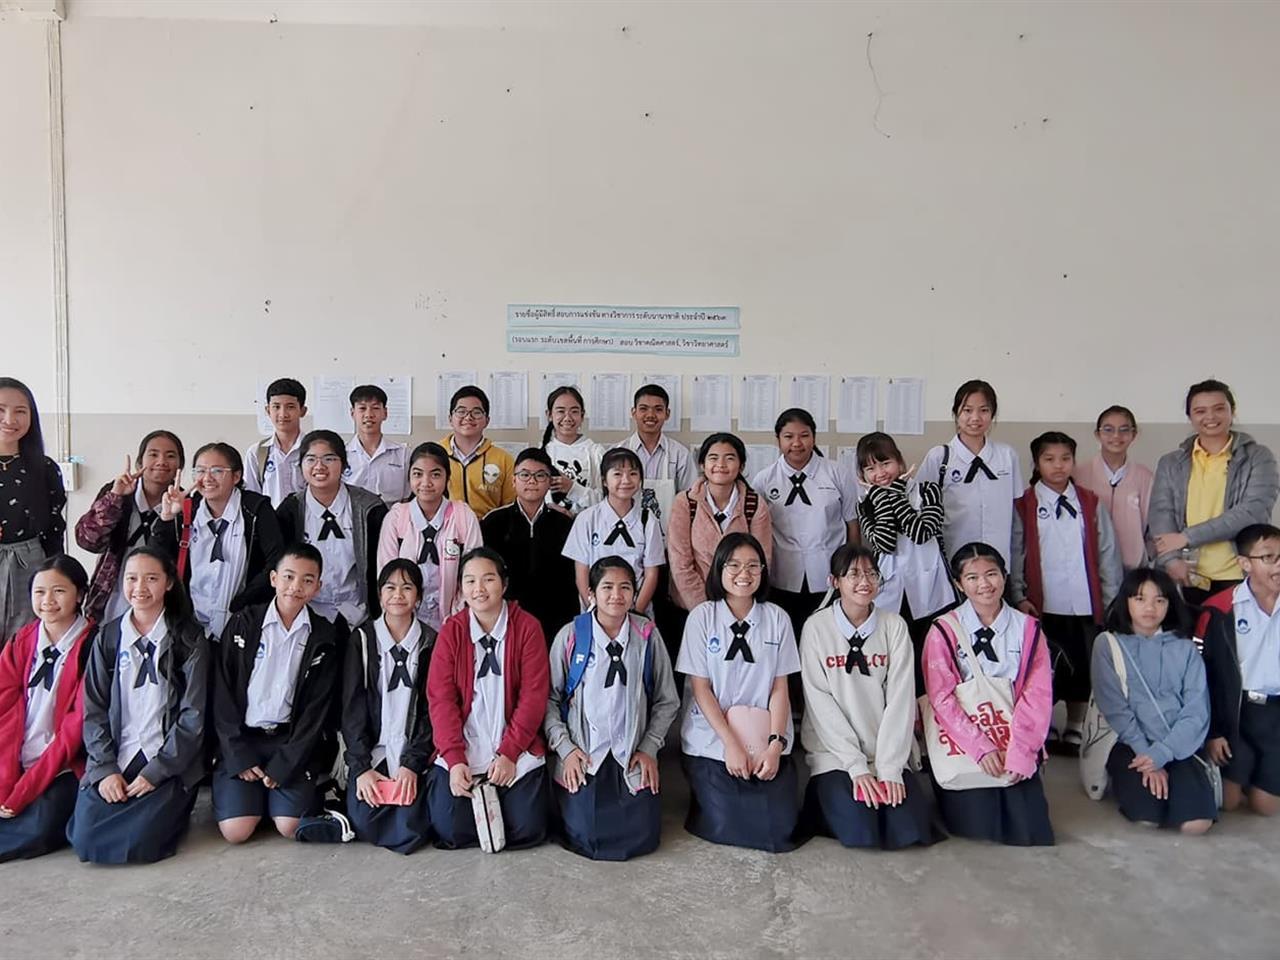 นักเรียนสาธิตม.พะเยา ได้รับรางวัลในการสอบแข่งขันทางวิชาการระดับนานาชาติประจำปี 2563